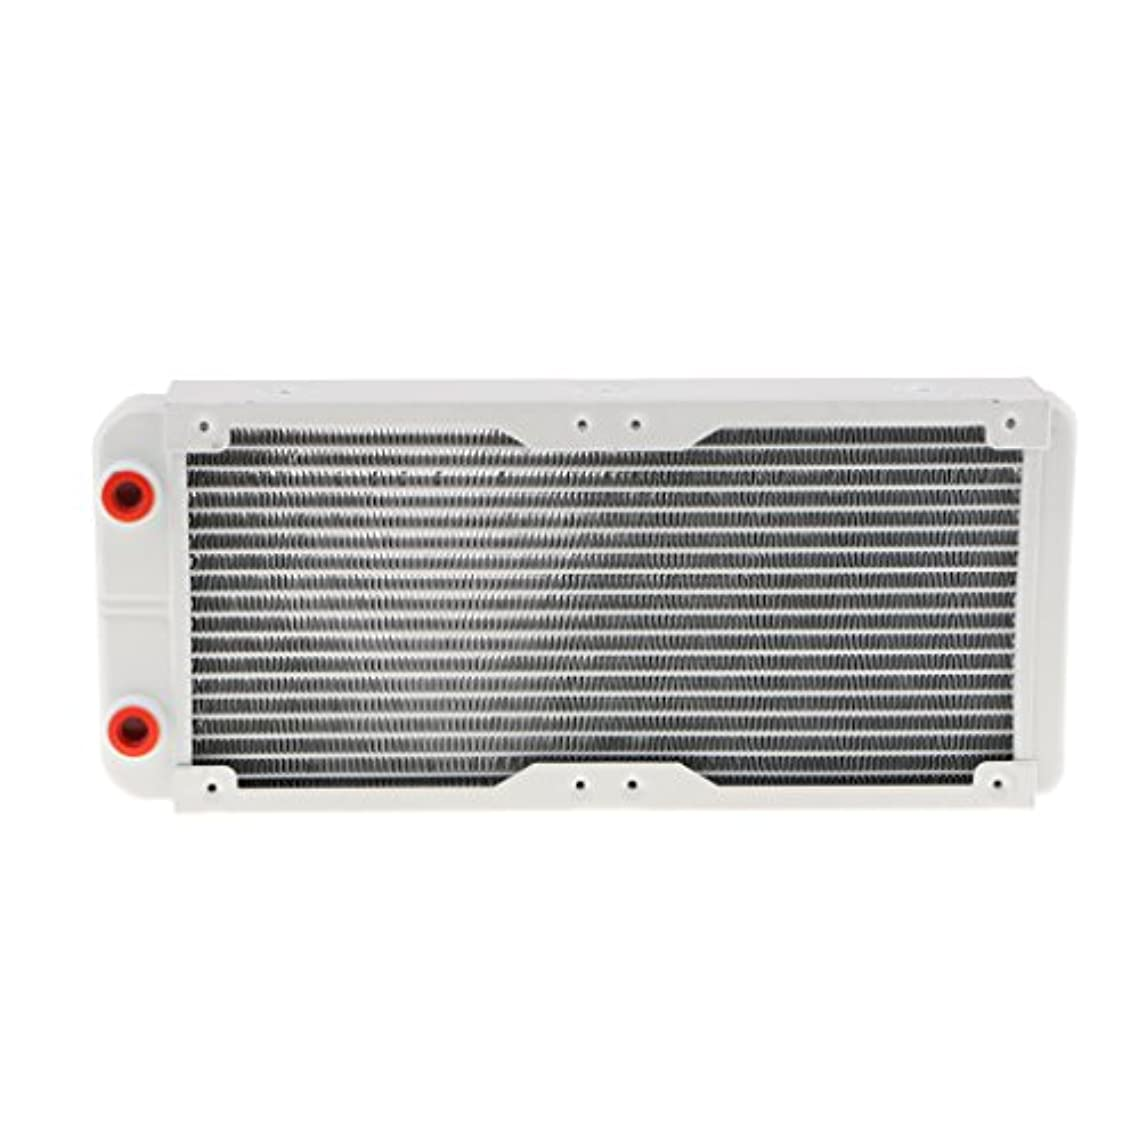 火薬省信頼性多機能 コンピューター G1/4 18 ライン ラジエーター 水冷却クーラー CPUヒートシンクに対応 - 240mm